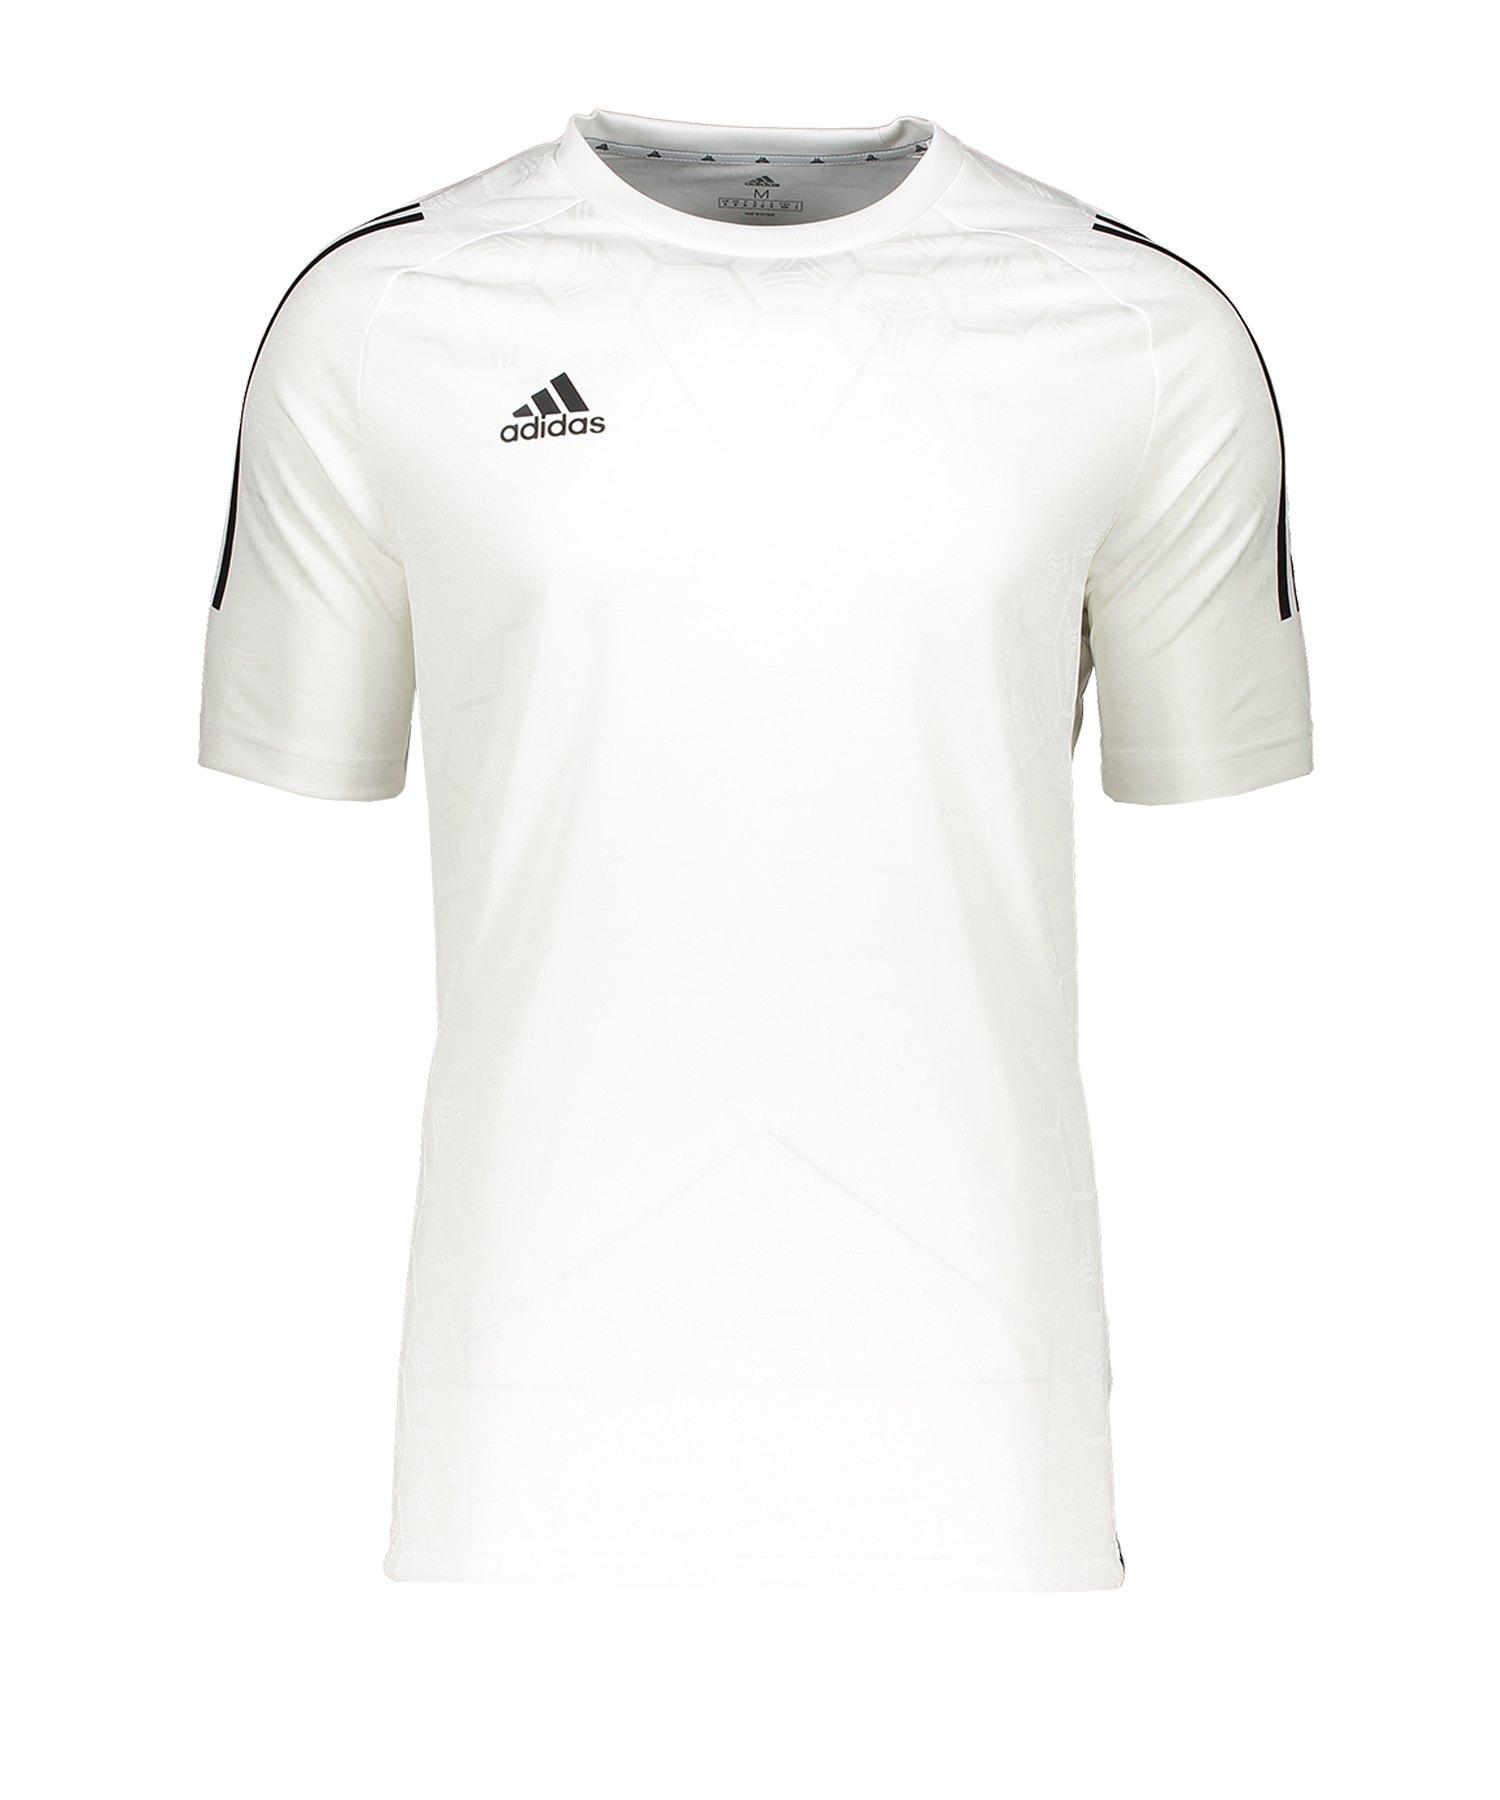 adidas Tango JQD T-Shirt Weiss - weiss